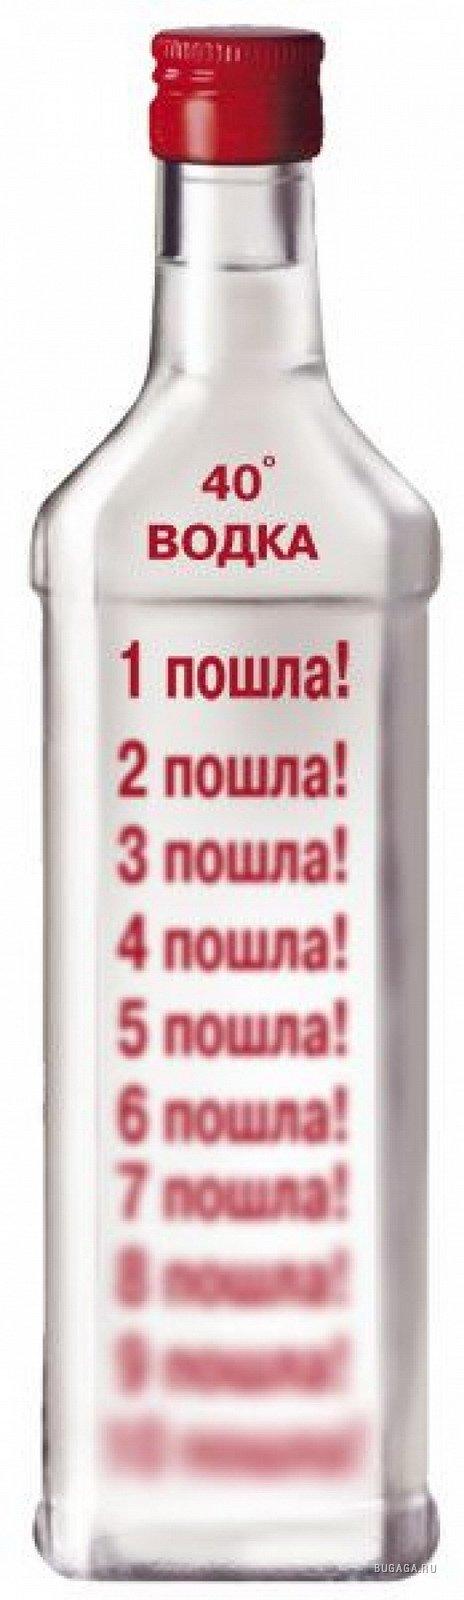 Гульки крымских алкоголиков.